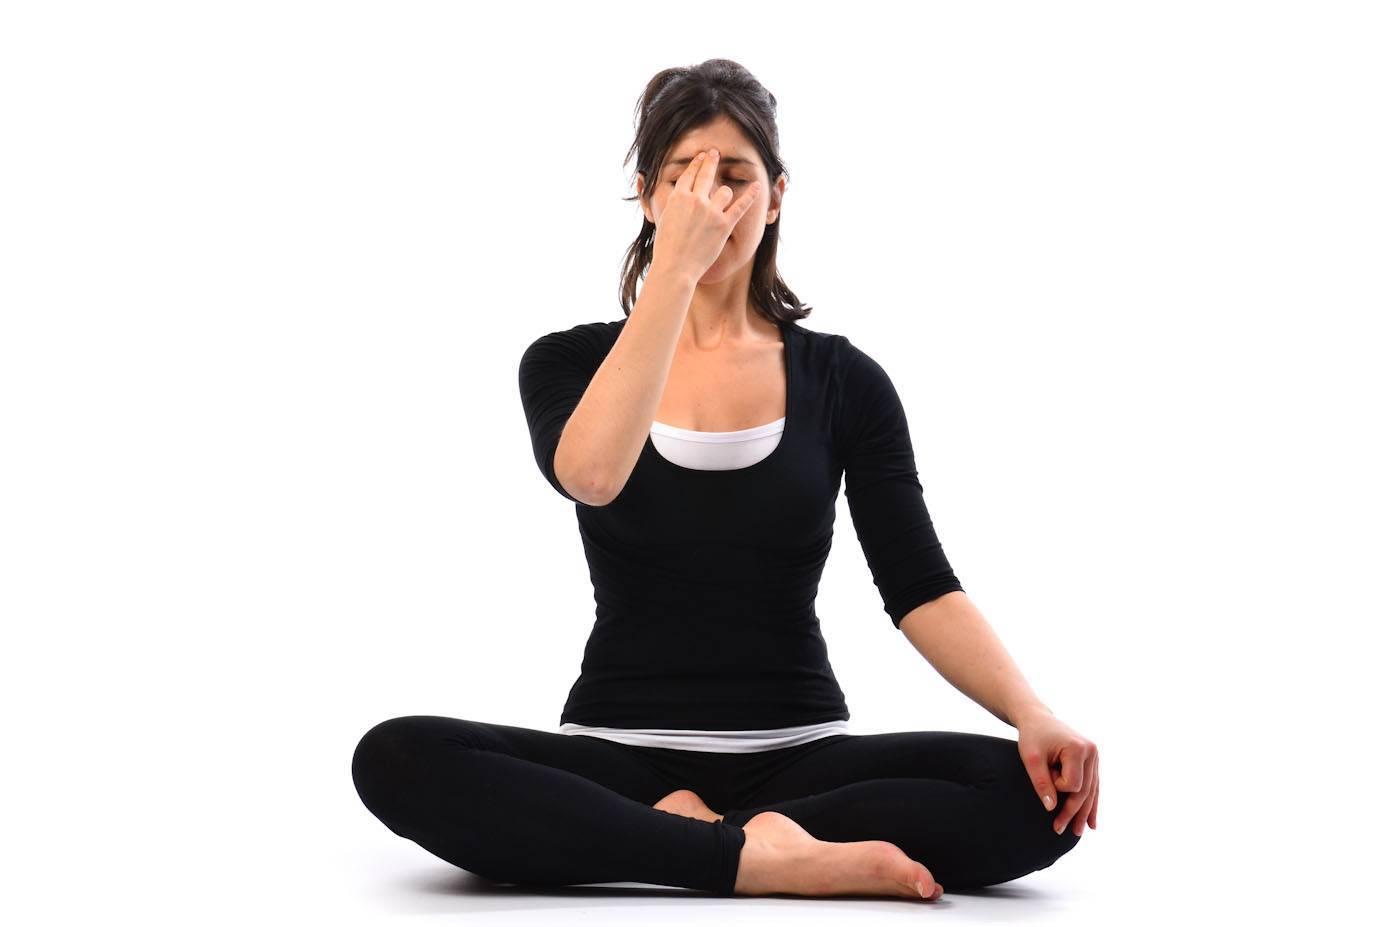 Можно ли вылечить насморк быстро? 7 советов оториноларинголога